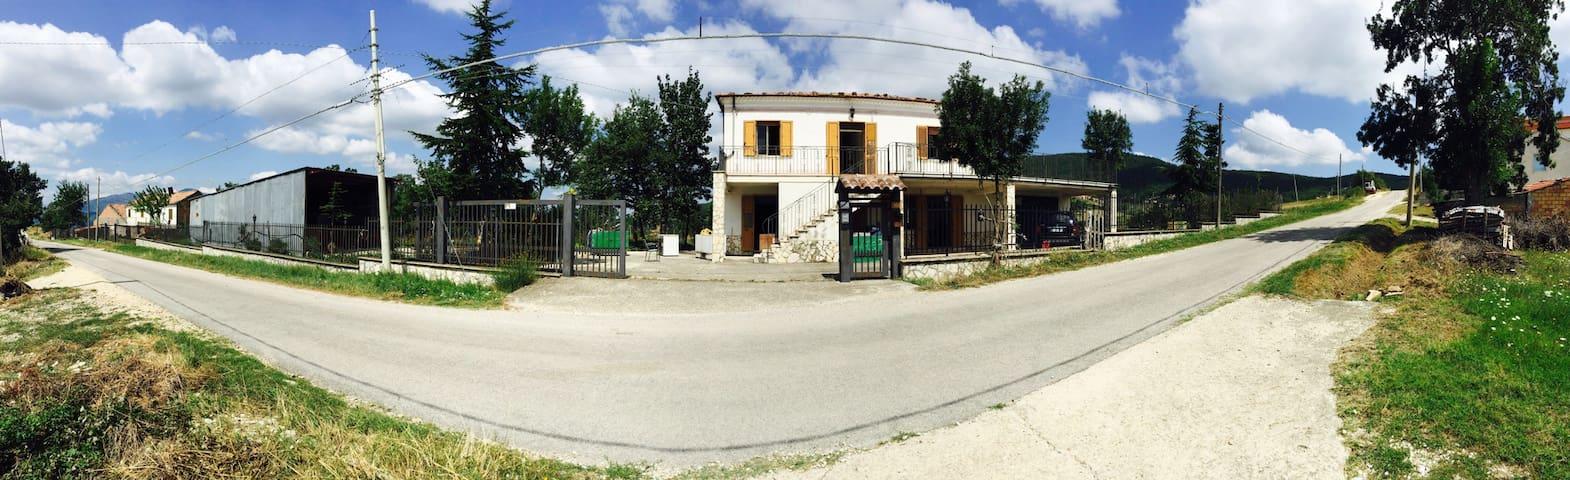 Villino in collina con frutteto - Pontoni II - Villa